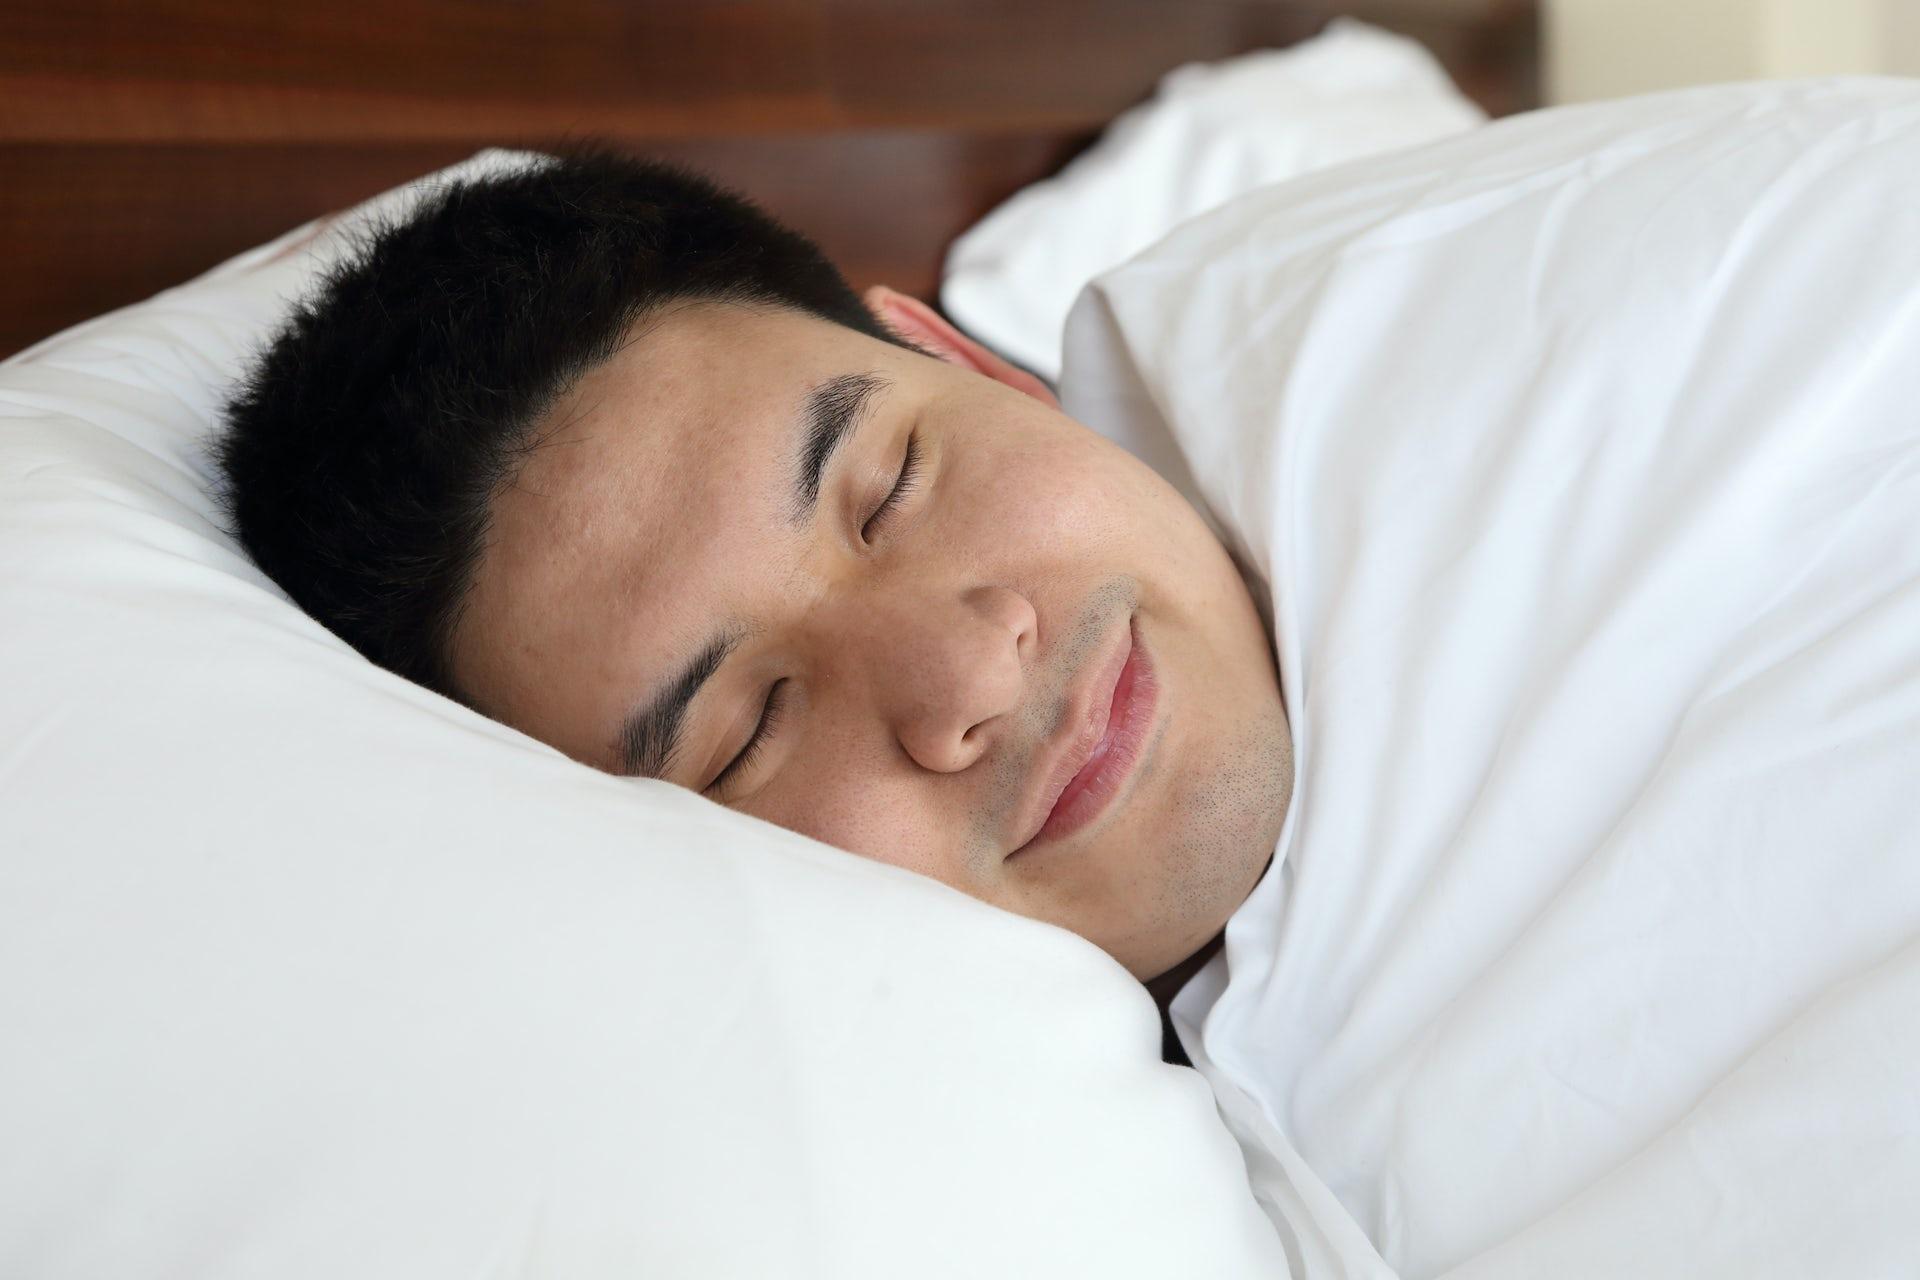 Sleep sister pornos gif